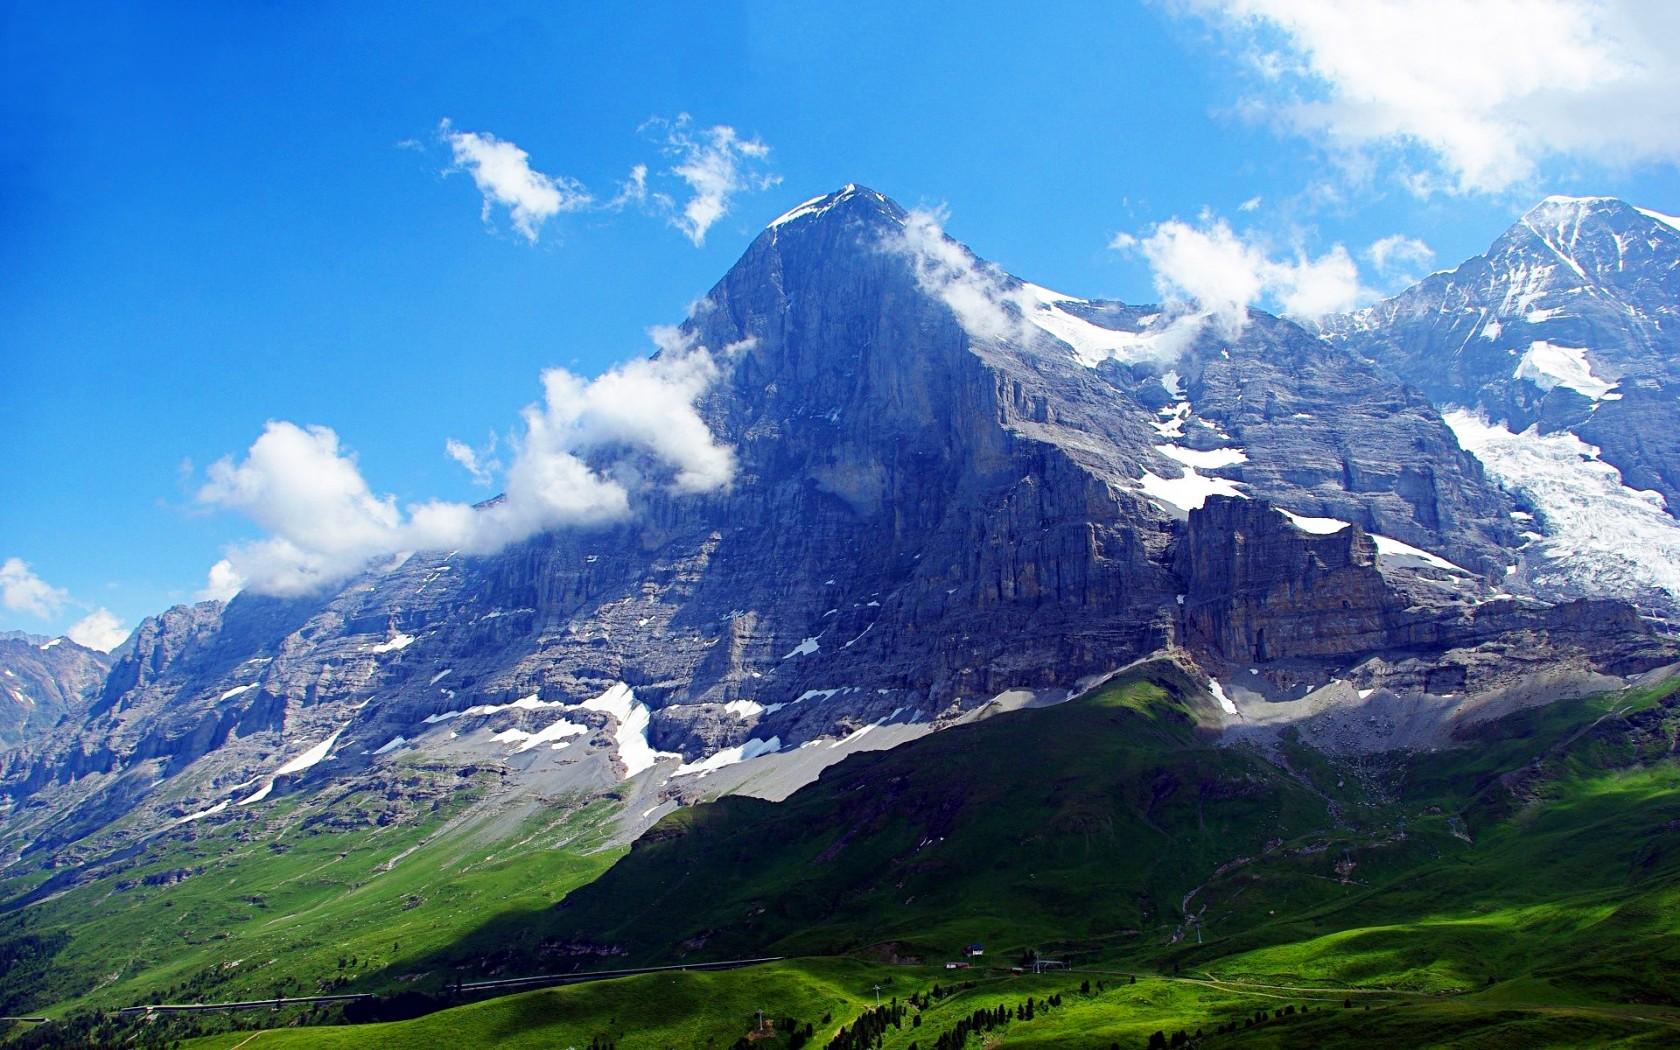 картинки альпы в хорошем качестве більше